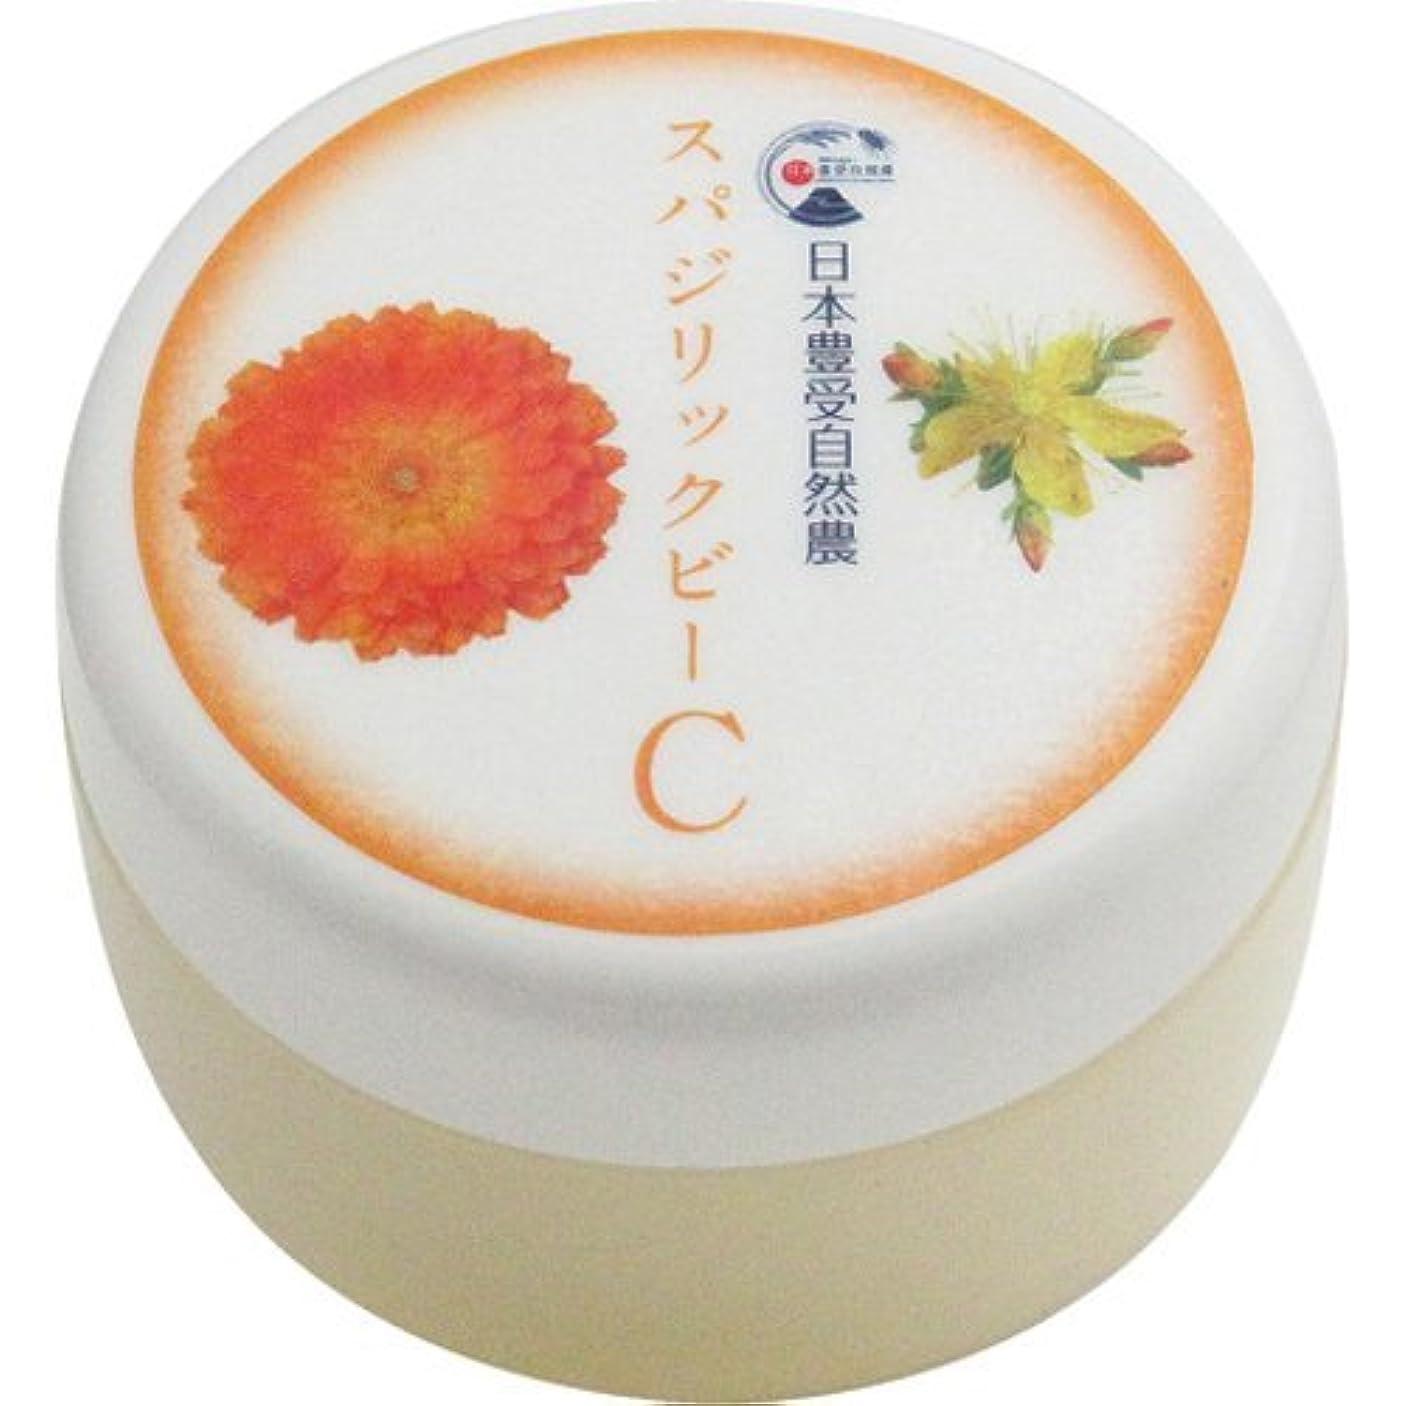 パラダイスそれに応じて雄弁日本豊受自然農 スパジリック ビーC(大) 45g